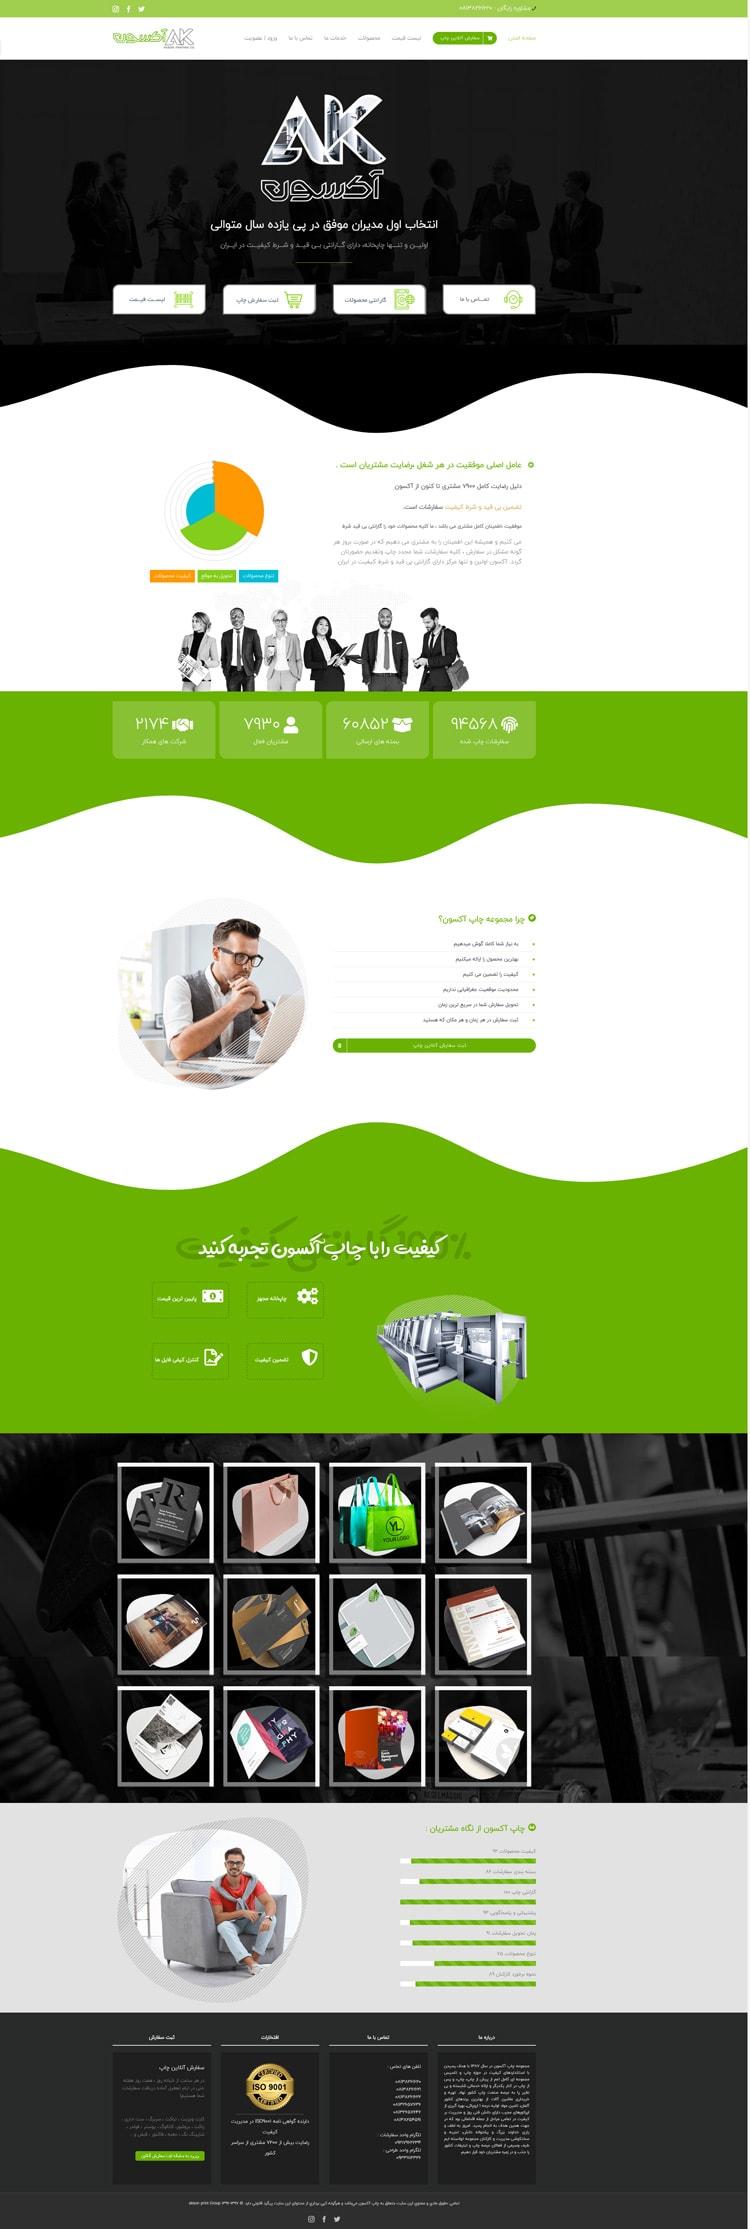 طراحی سایت چاپخانه آکسون